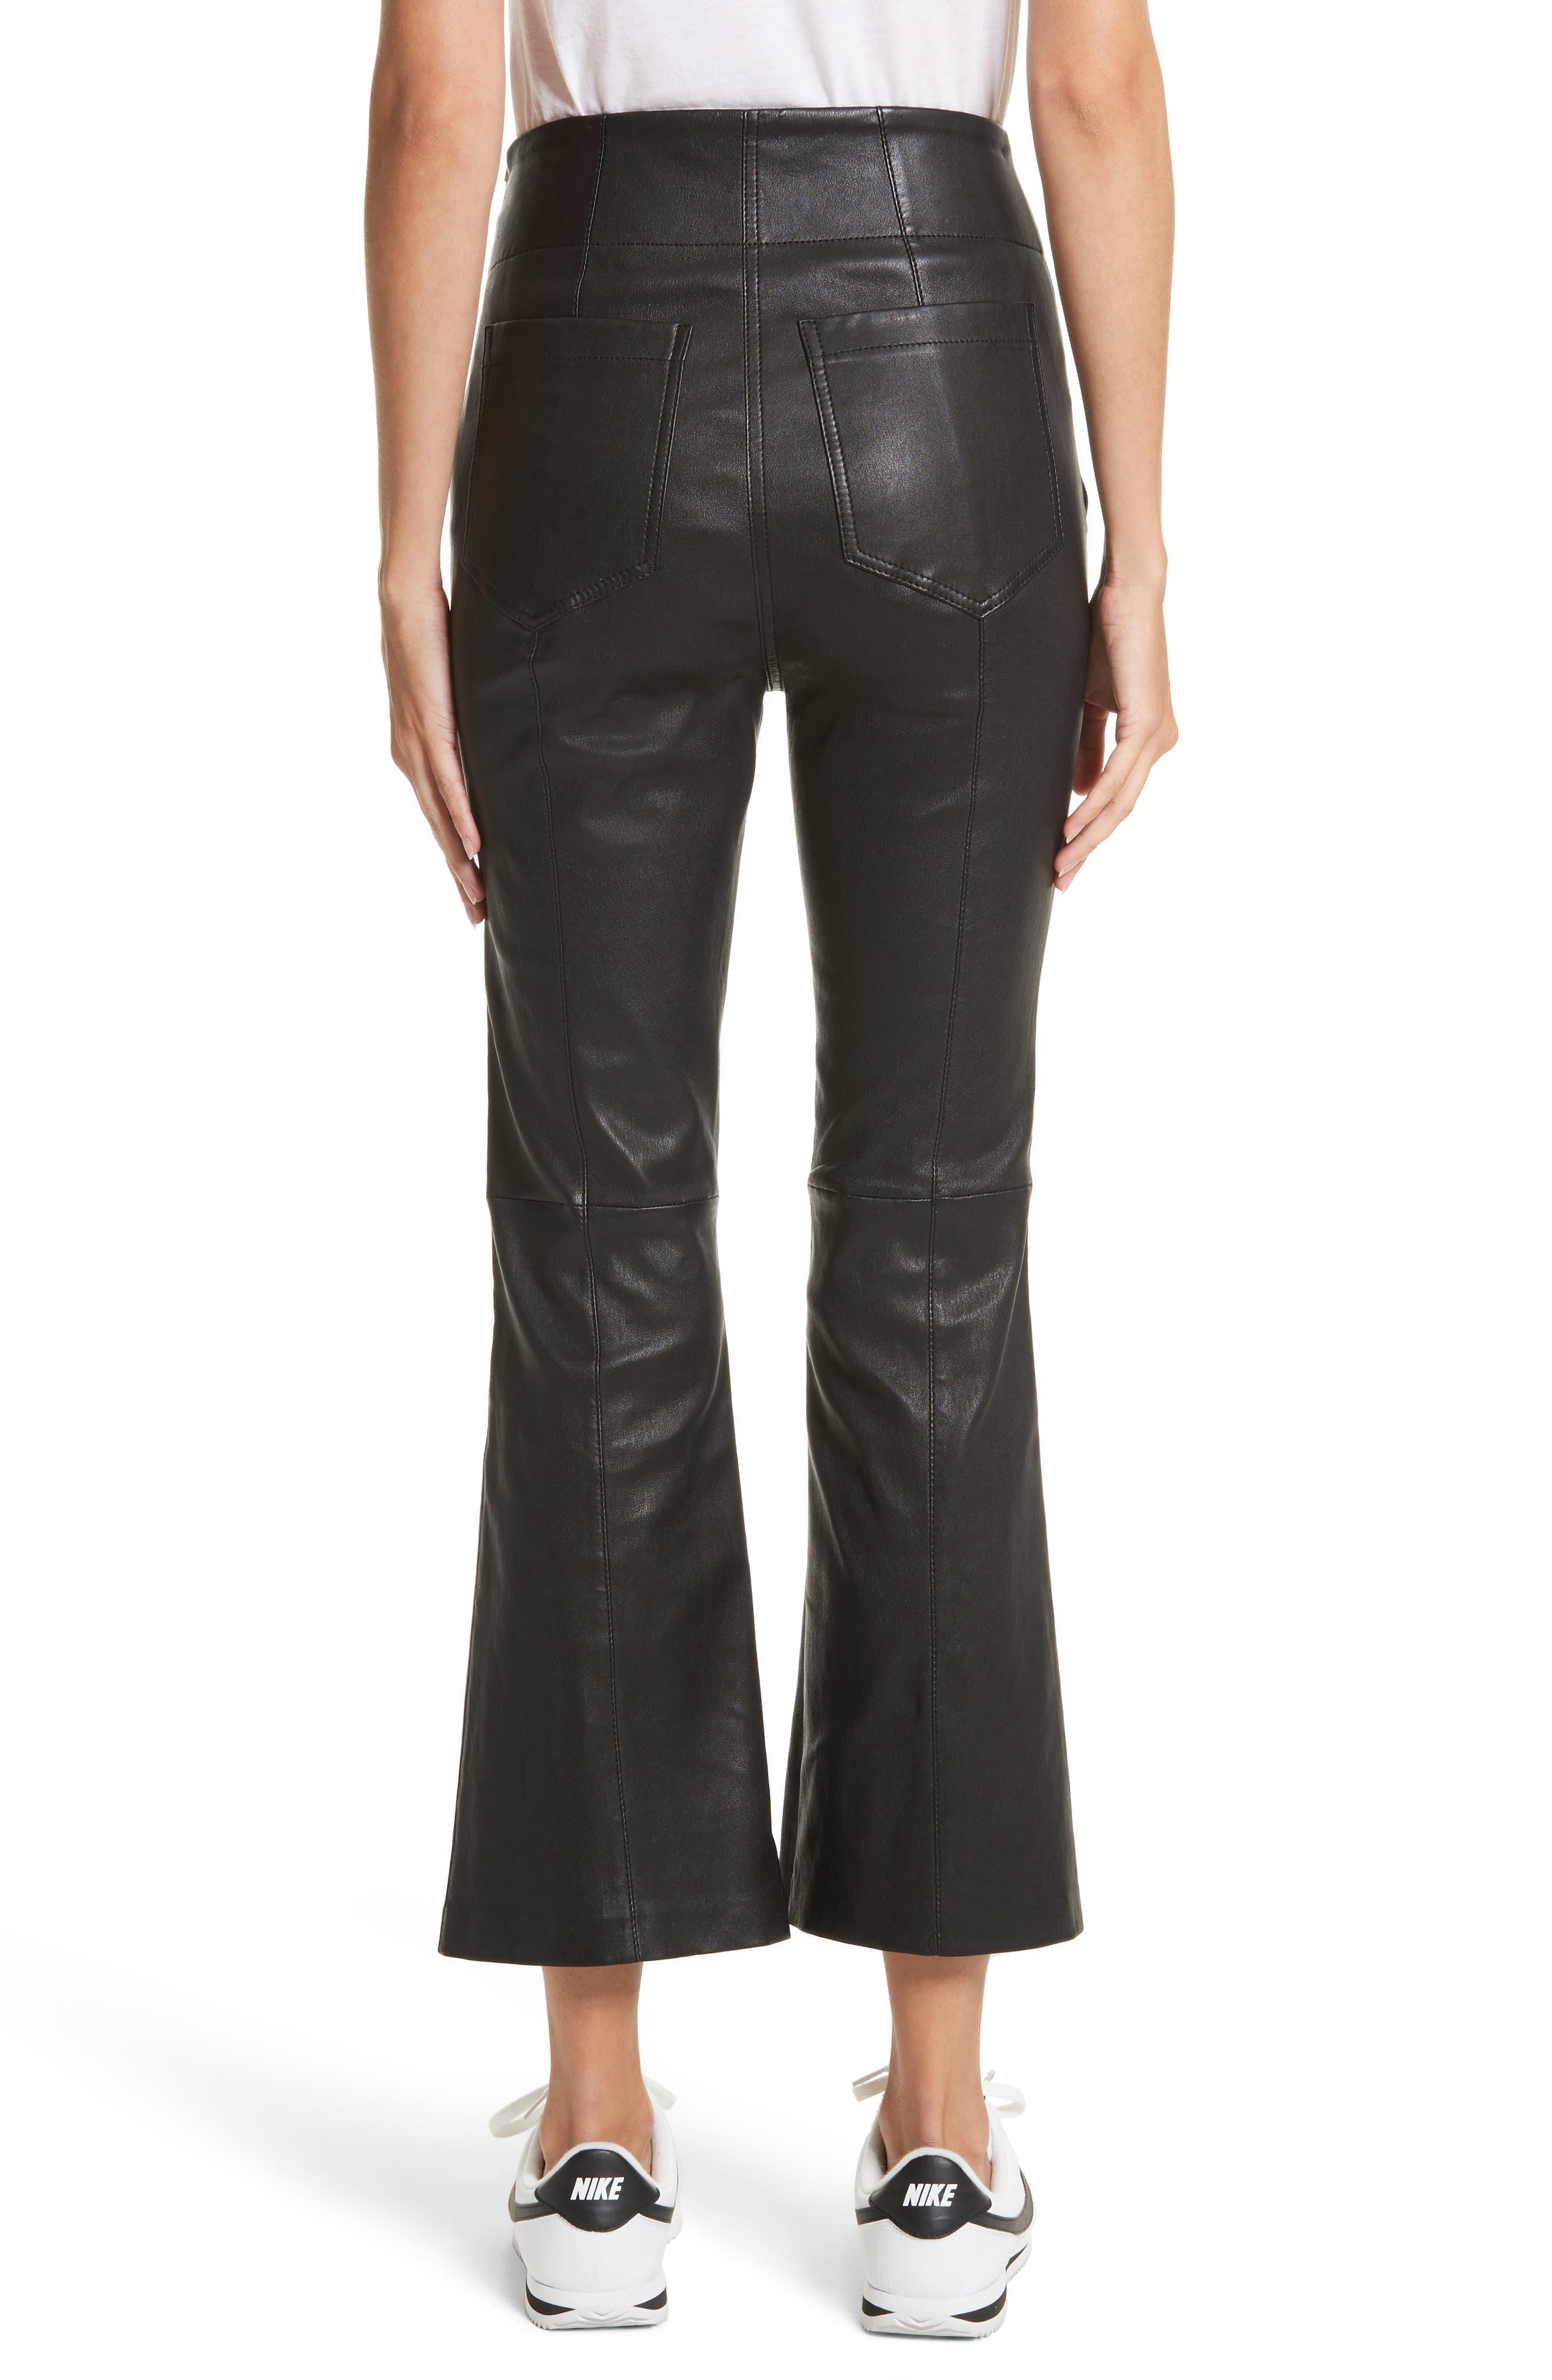 Delia Lace Up Leather Pants,                             Alternate thumbnail 2, color,                             Black